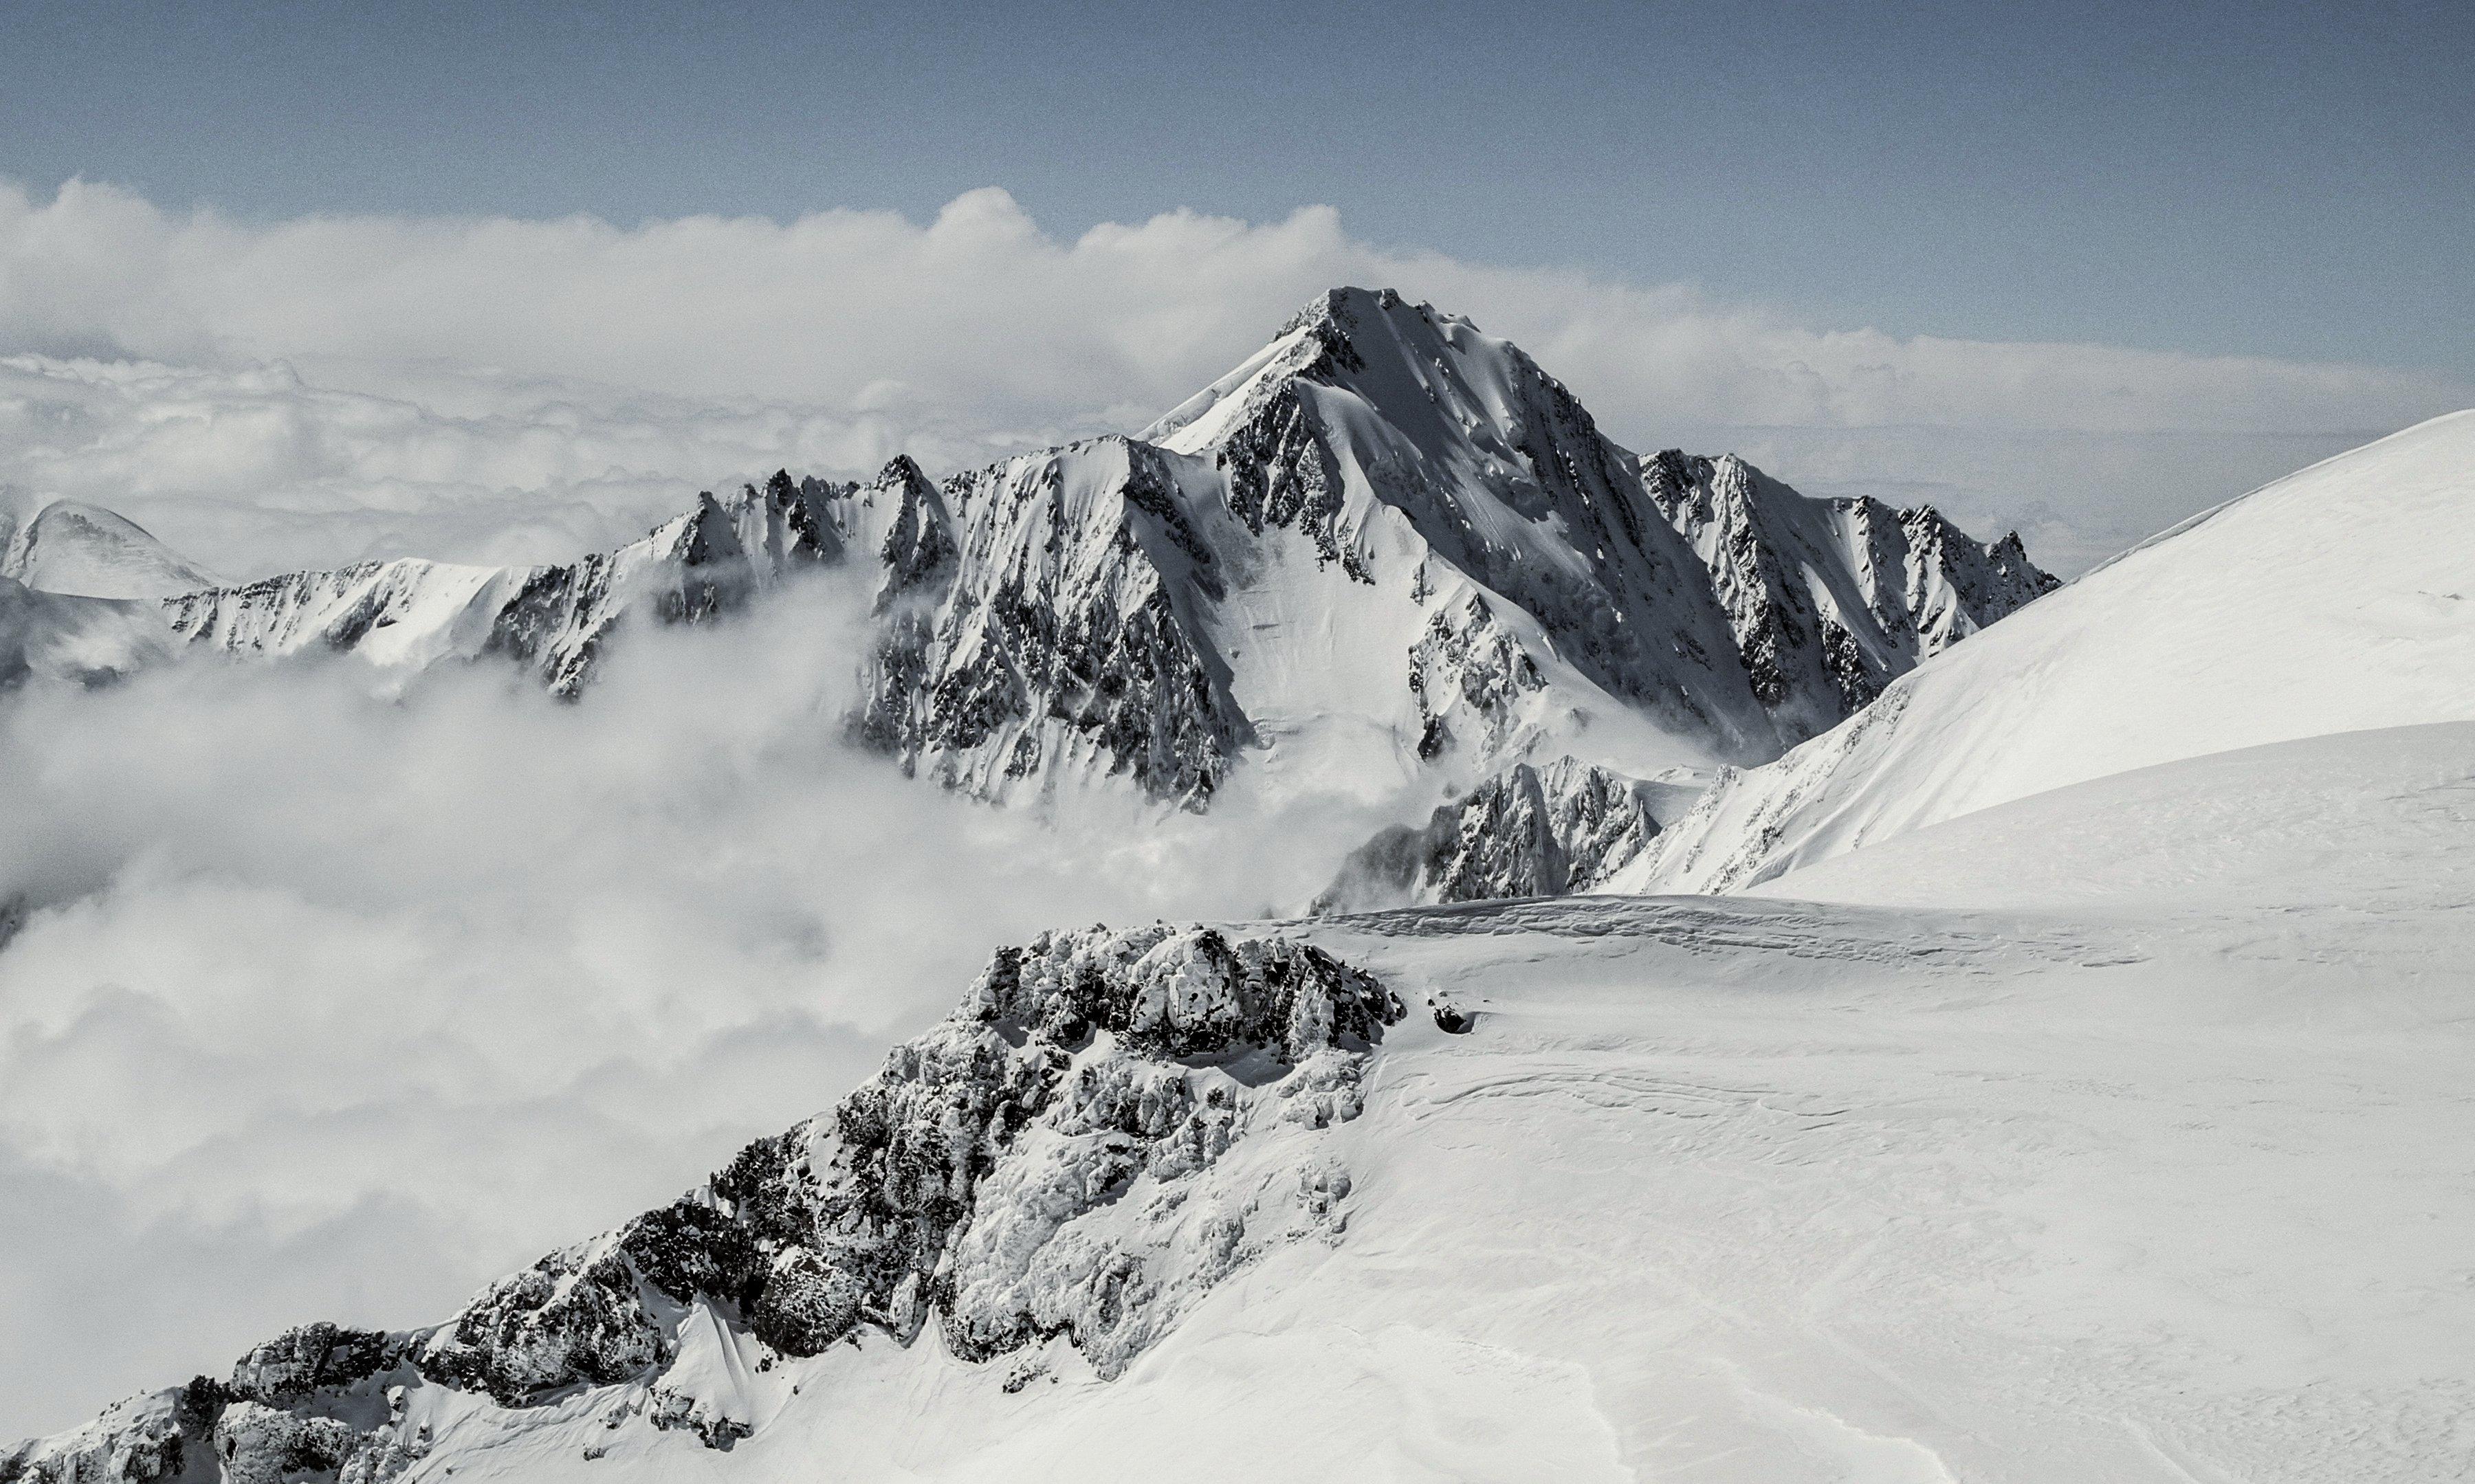 Grúzia – Kazbek mászás (5047 m) Kazbek, Grúzia #3171b549-ae55-4319-8475-8cf3892597ca